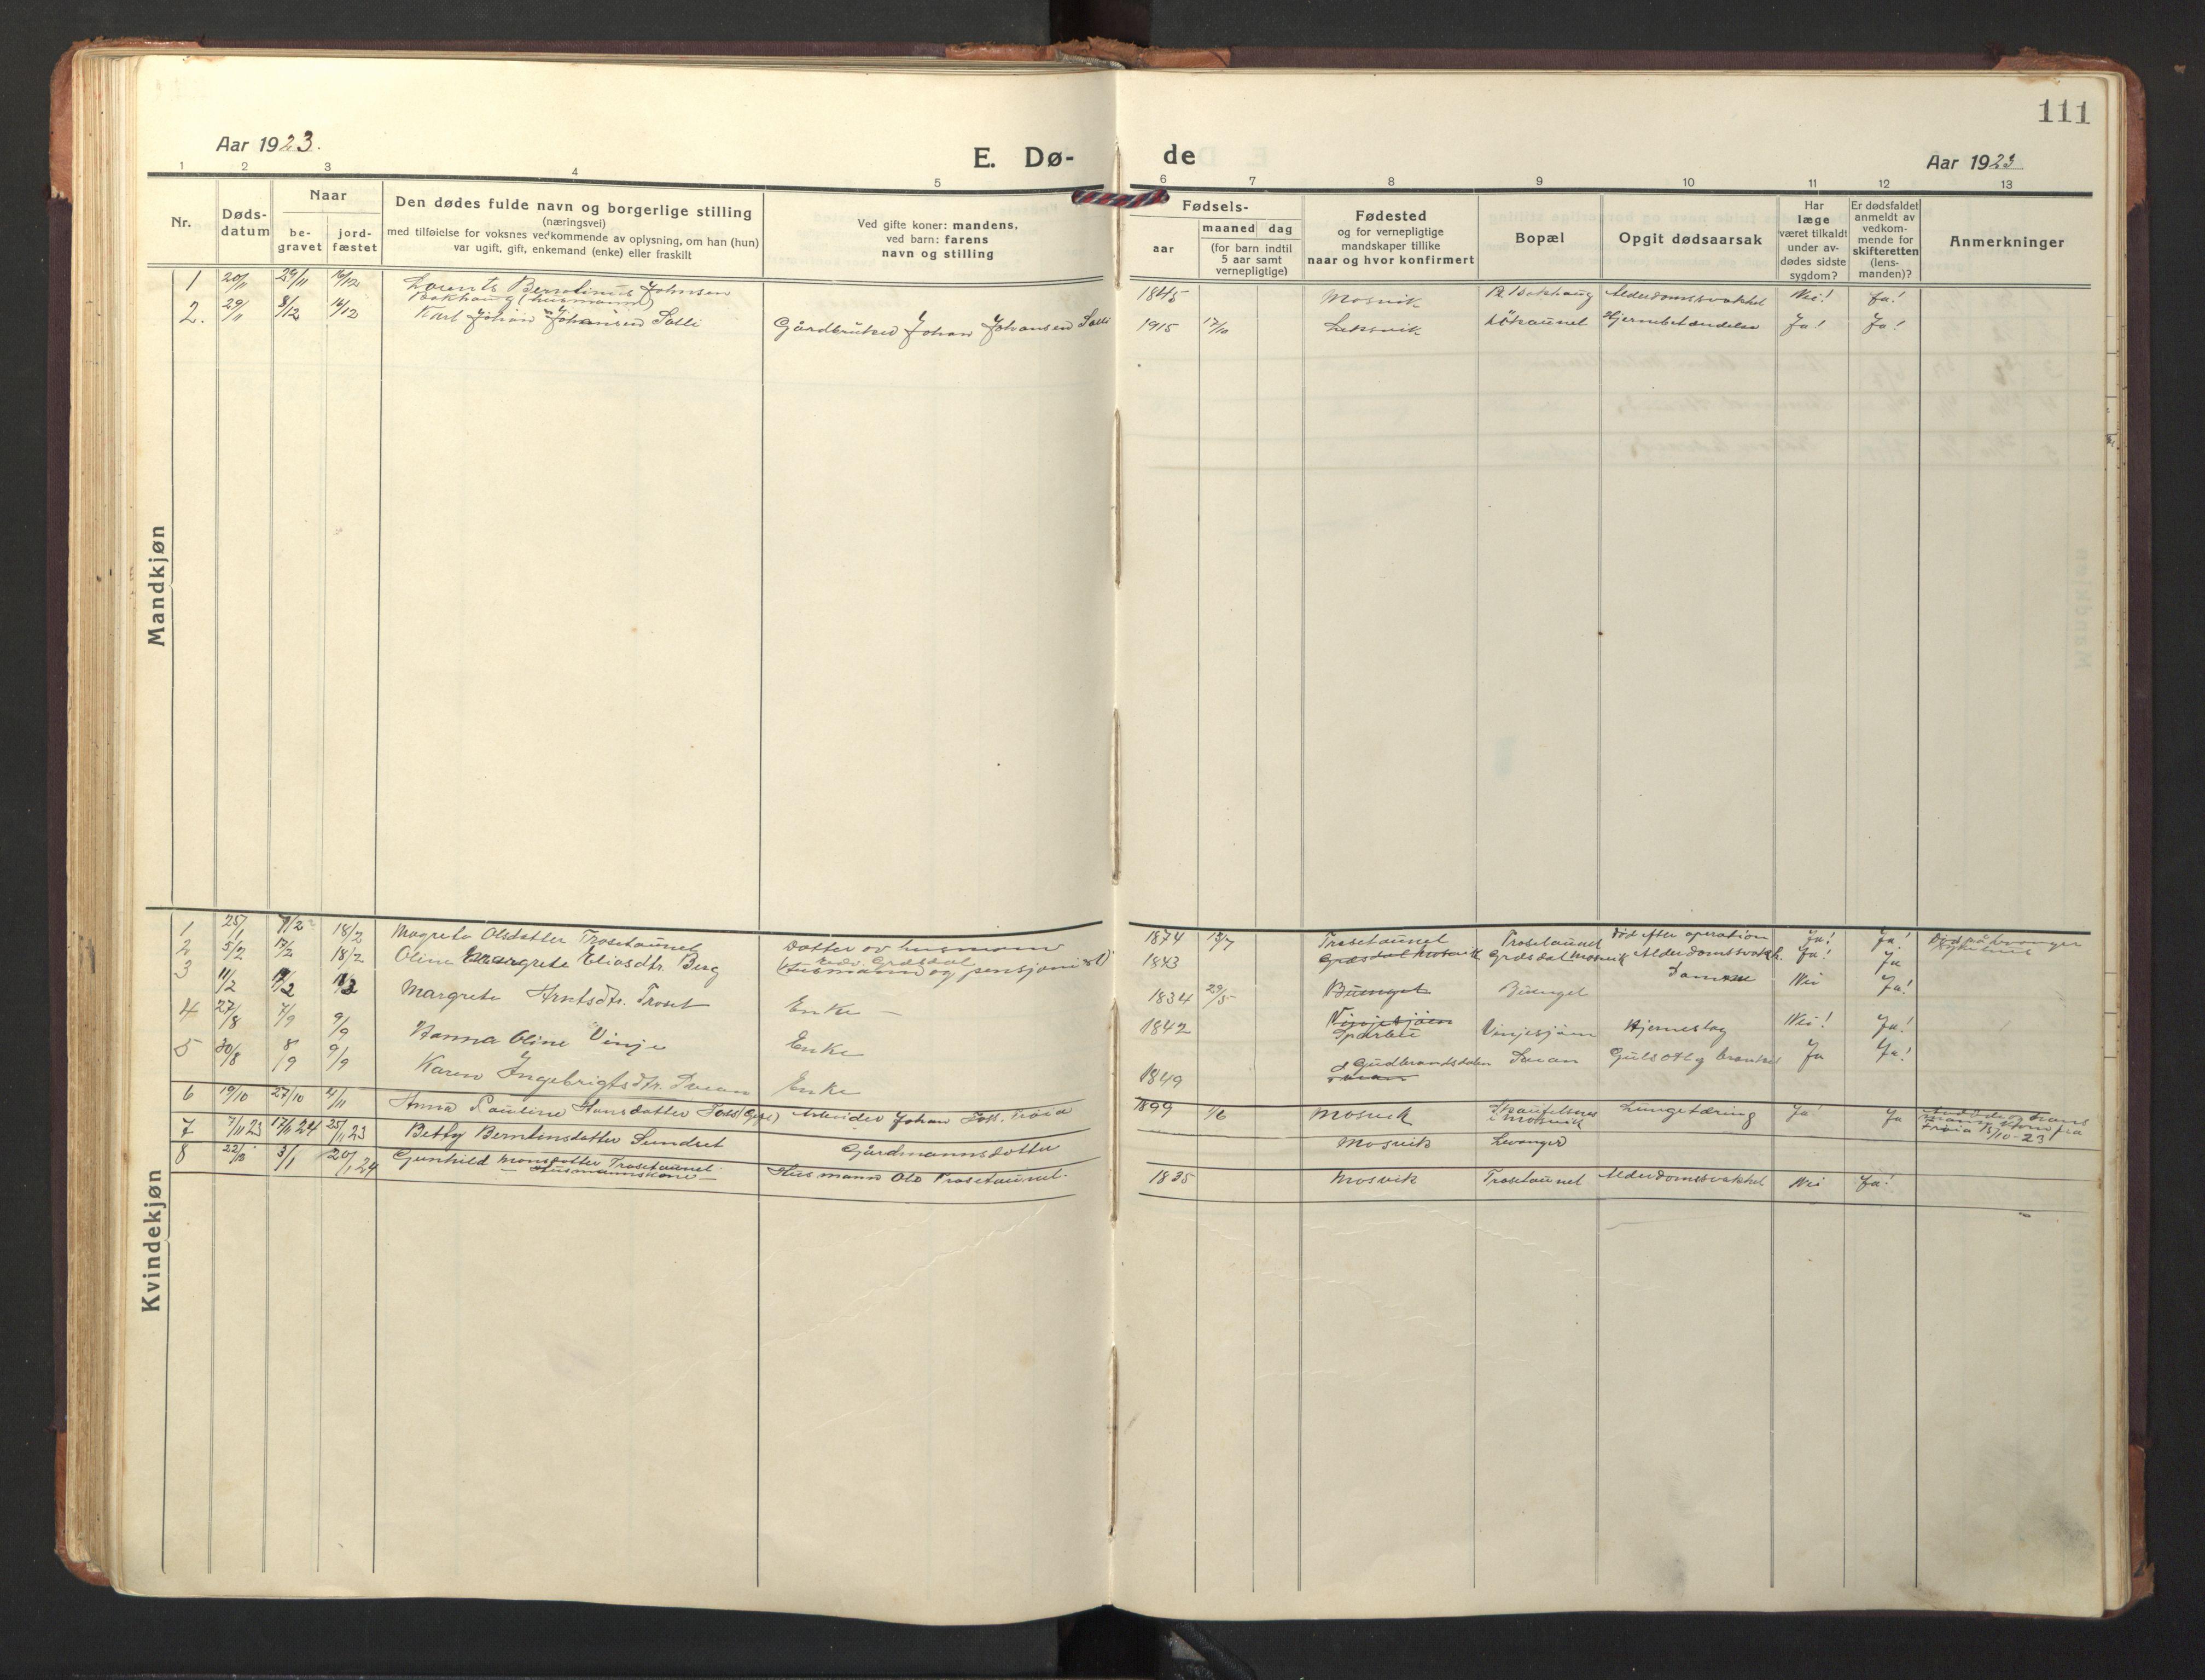 SAT, Ministerialprotokoller, klokkerbøker og fødselsregistre - Nord-Trøndelag, 733/L0328: Klokkerbok nr. 733C03, 1919-1966, s. 111